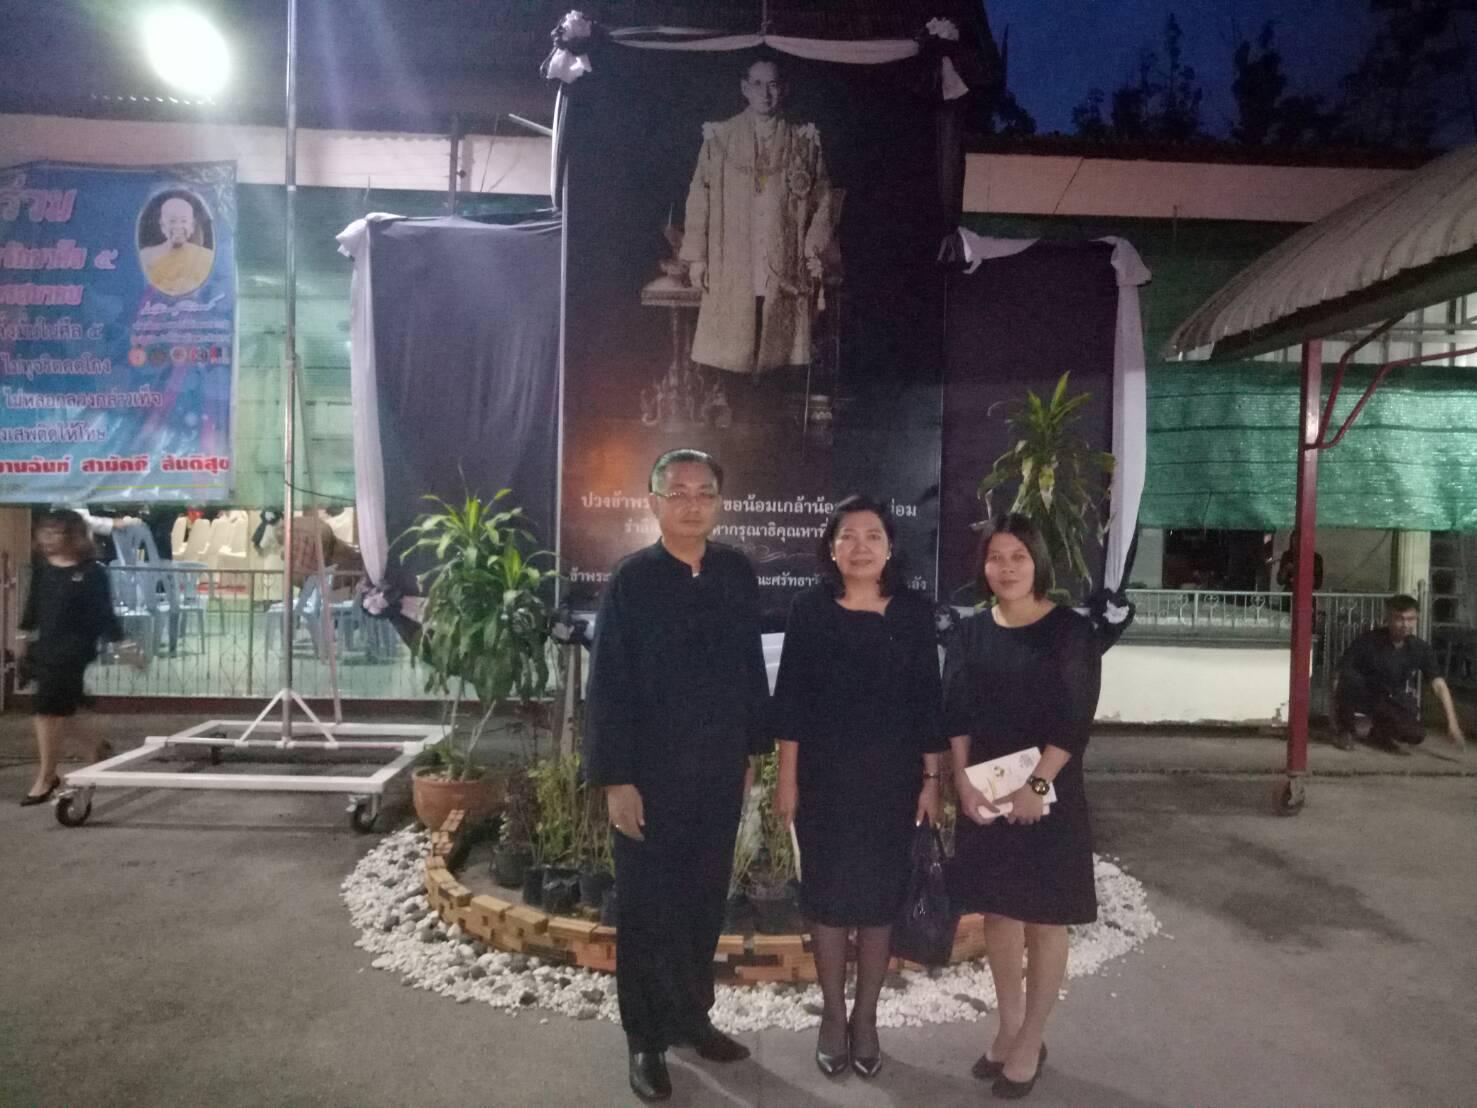 วันที่ 27 กรกฎาคม 2560 เวลา 17.00 น. สำนักงานจัดหางานจังหวัดลำปางร่วมพิธีเจริญพระพุทธมนต์